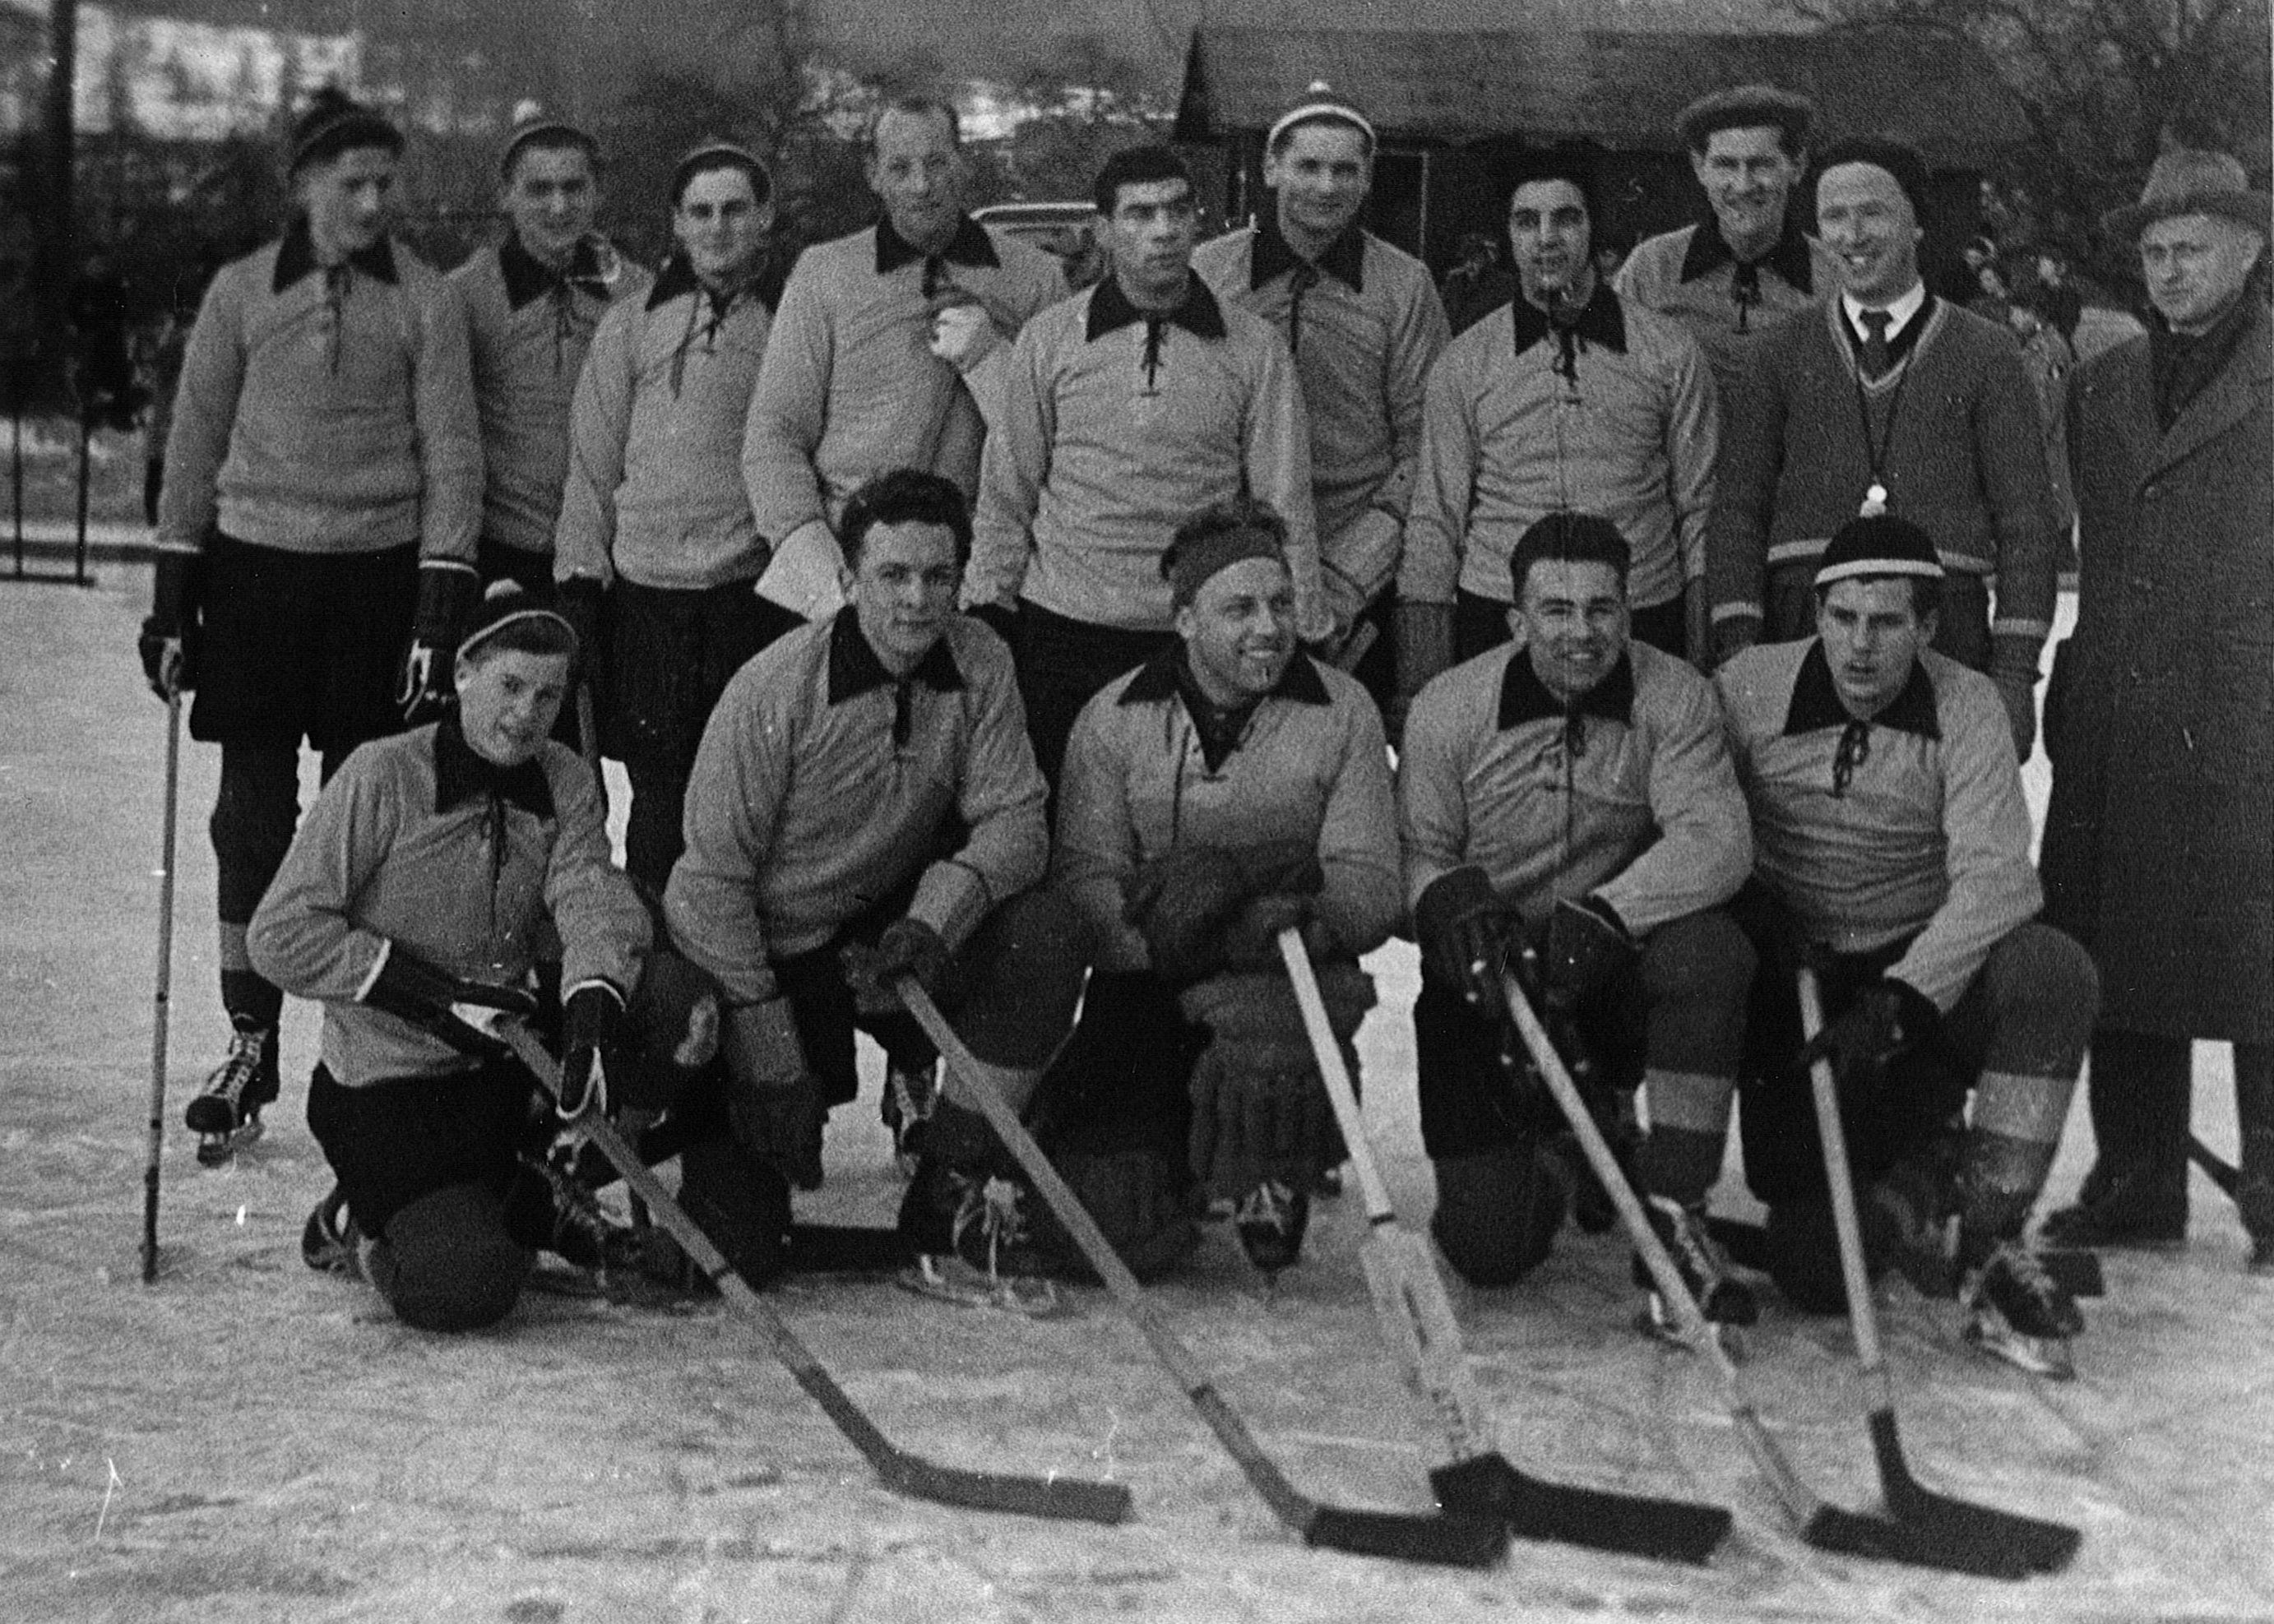 Die allererste Mannschaft des EVZ hiess noch Baarer Schlittschuhklub und trainierte auf dem Lättich-Weiher.